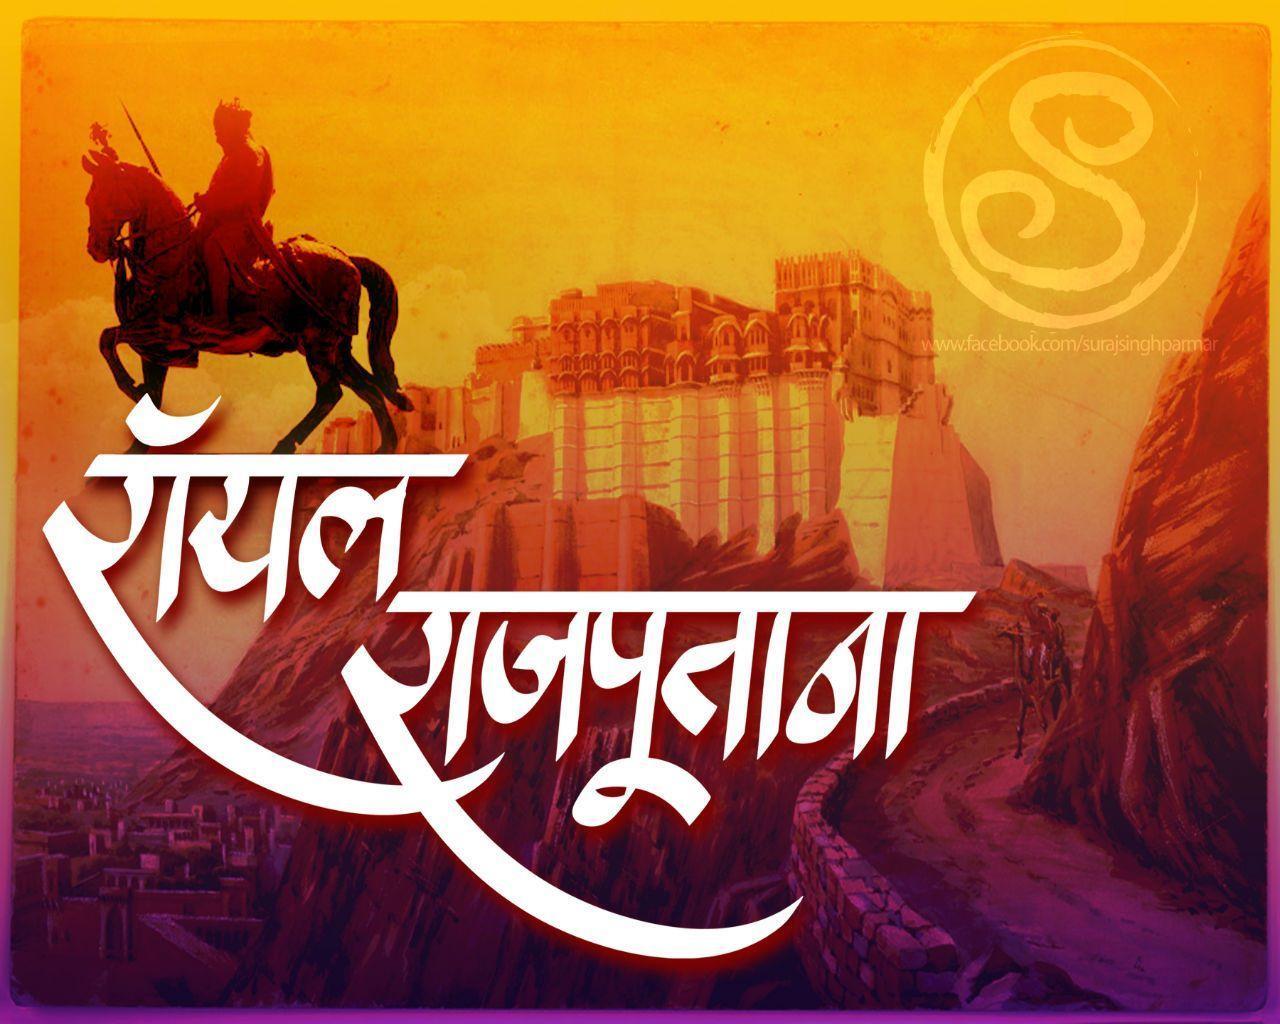 Kshatriya Shayari And Wallpapers Hd Wallpaper Cave